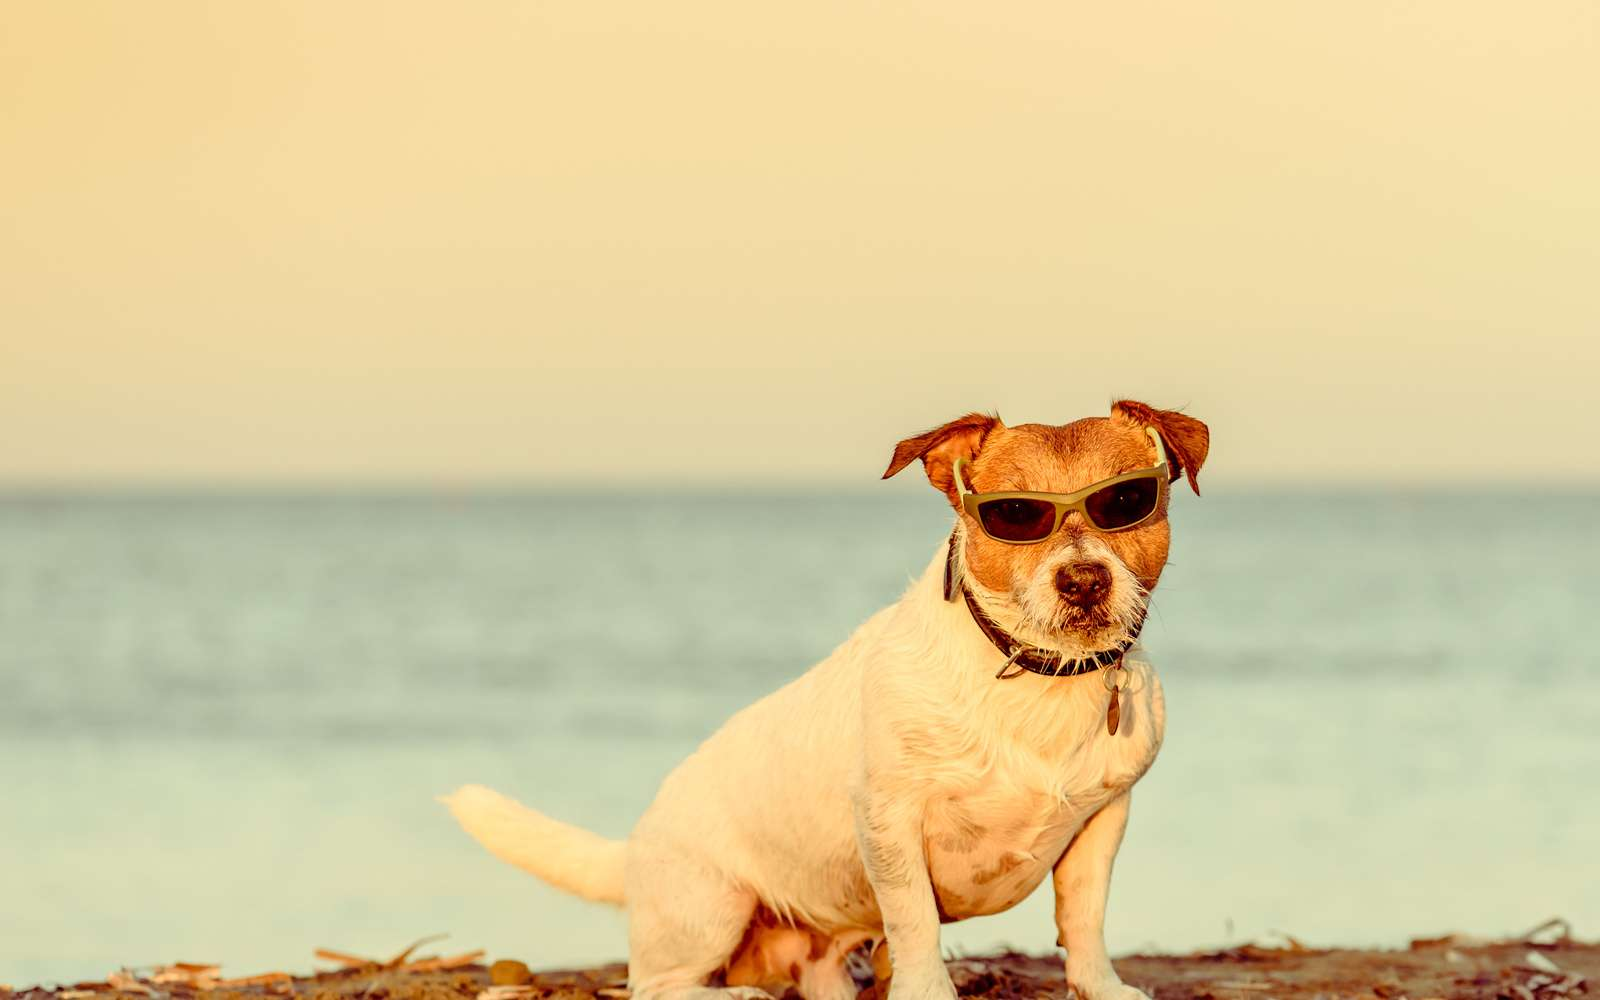 Des vacances réussies en compagnie de son chien ou son chat. © alexai_tm, Fotolia